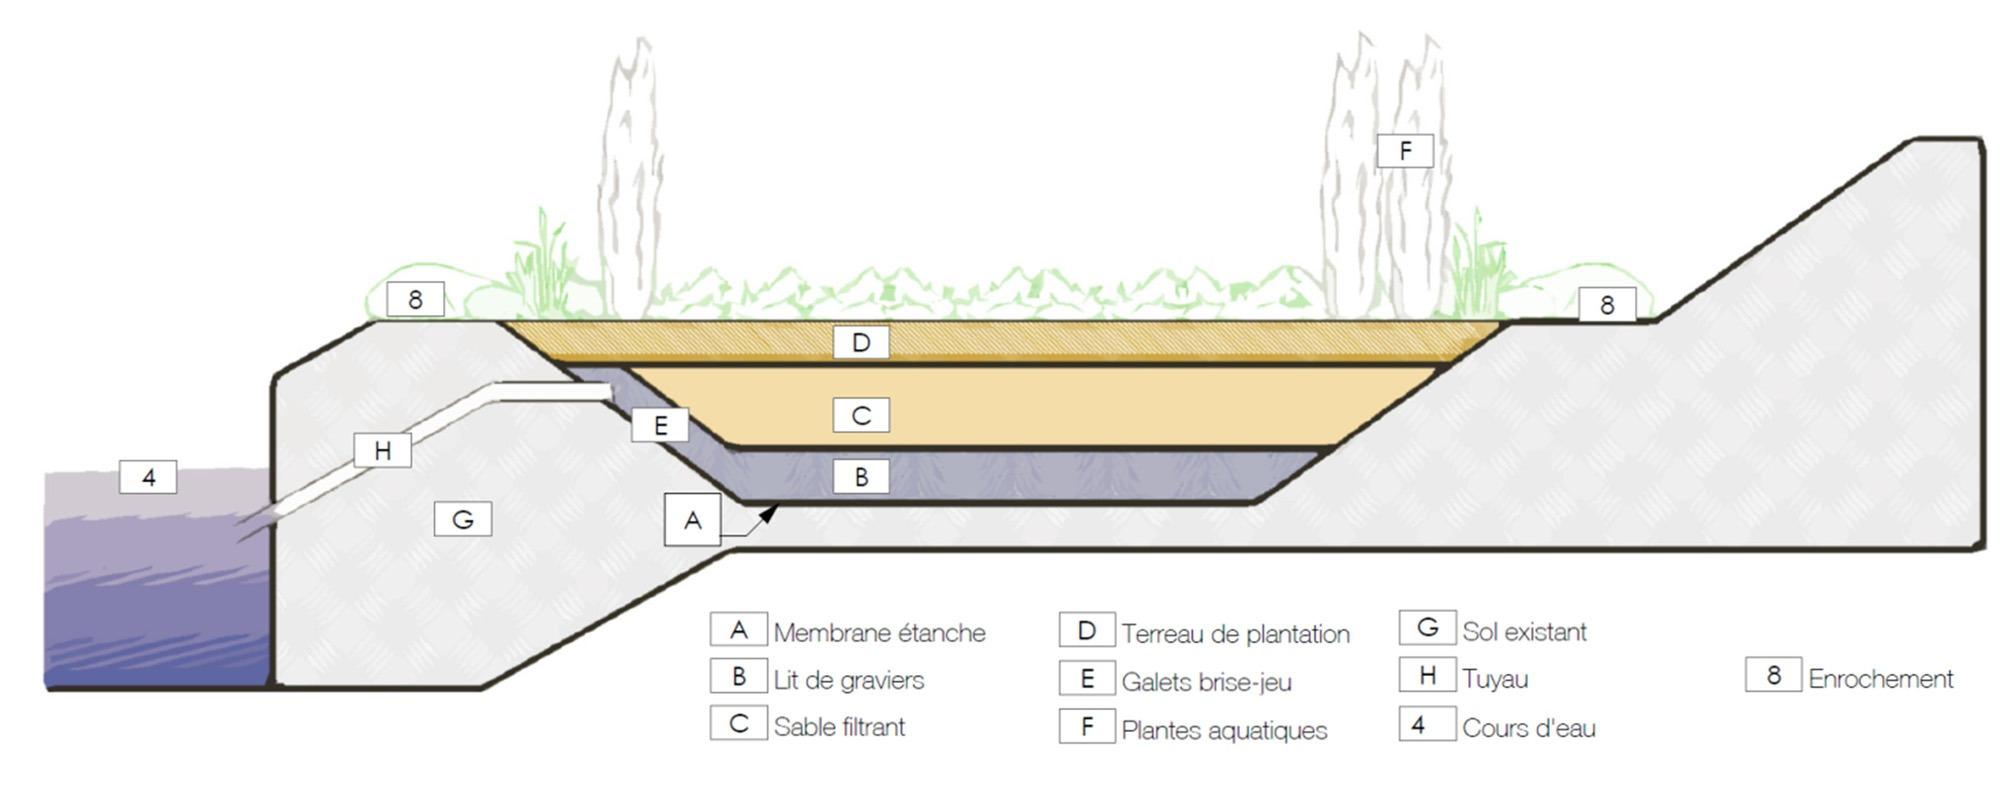 pfe-zones-humides-et-loisir-dans-la-ville-de-djougou-au-benin-par-seni-dara-21